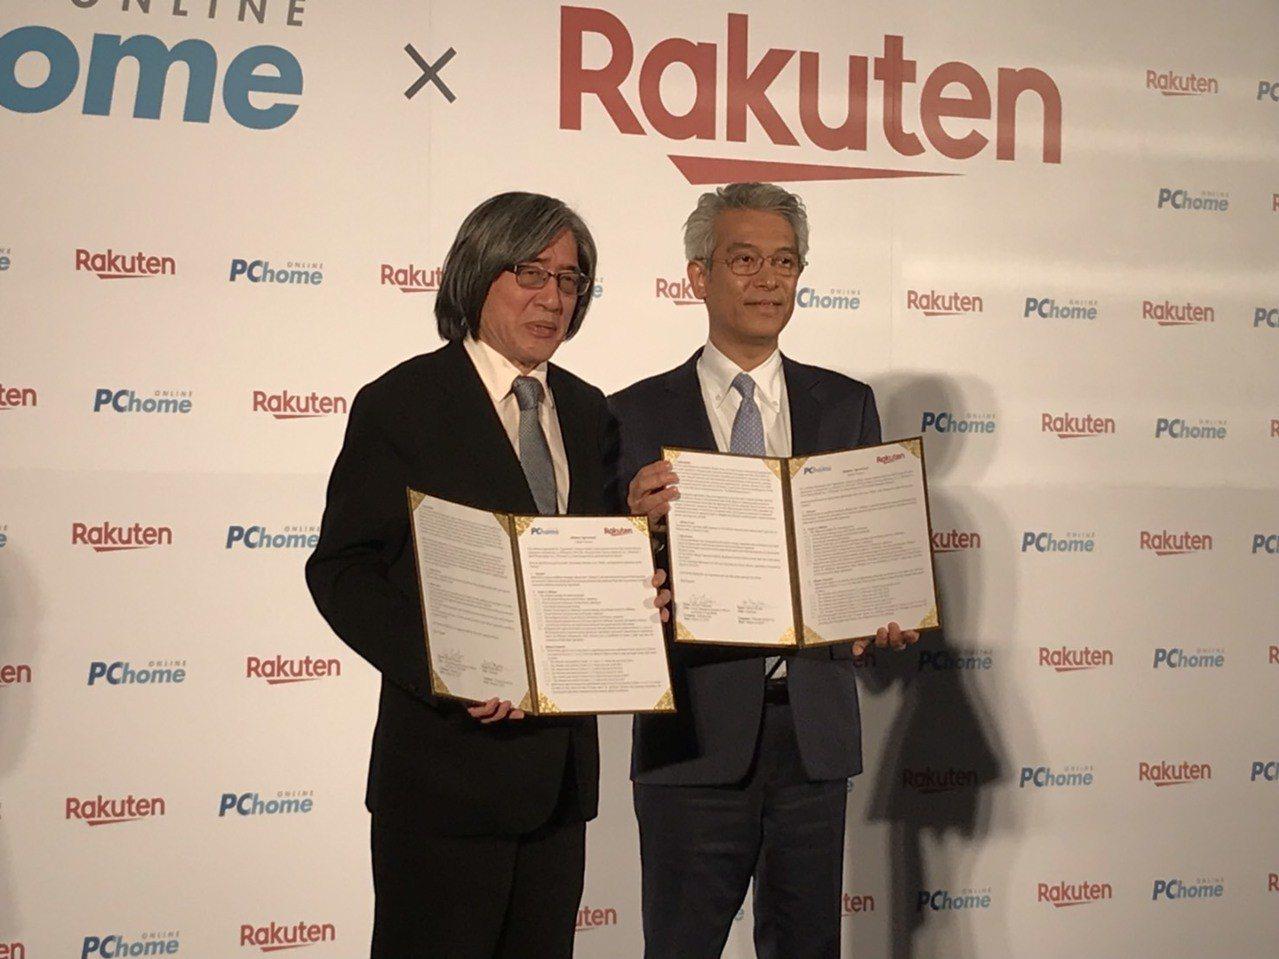 網家董事長詹宏志(左)和樂天亞洲區總裁高澤廣志簽訂合作協議。記者蔡銘仁/攝影